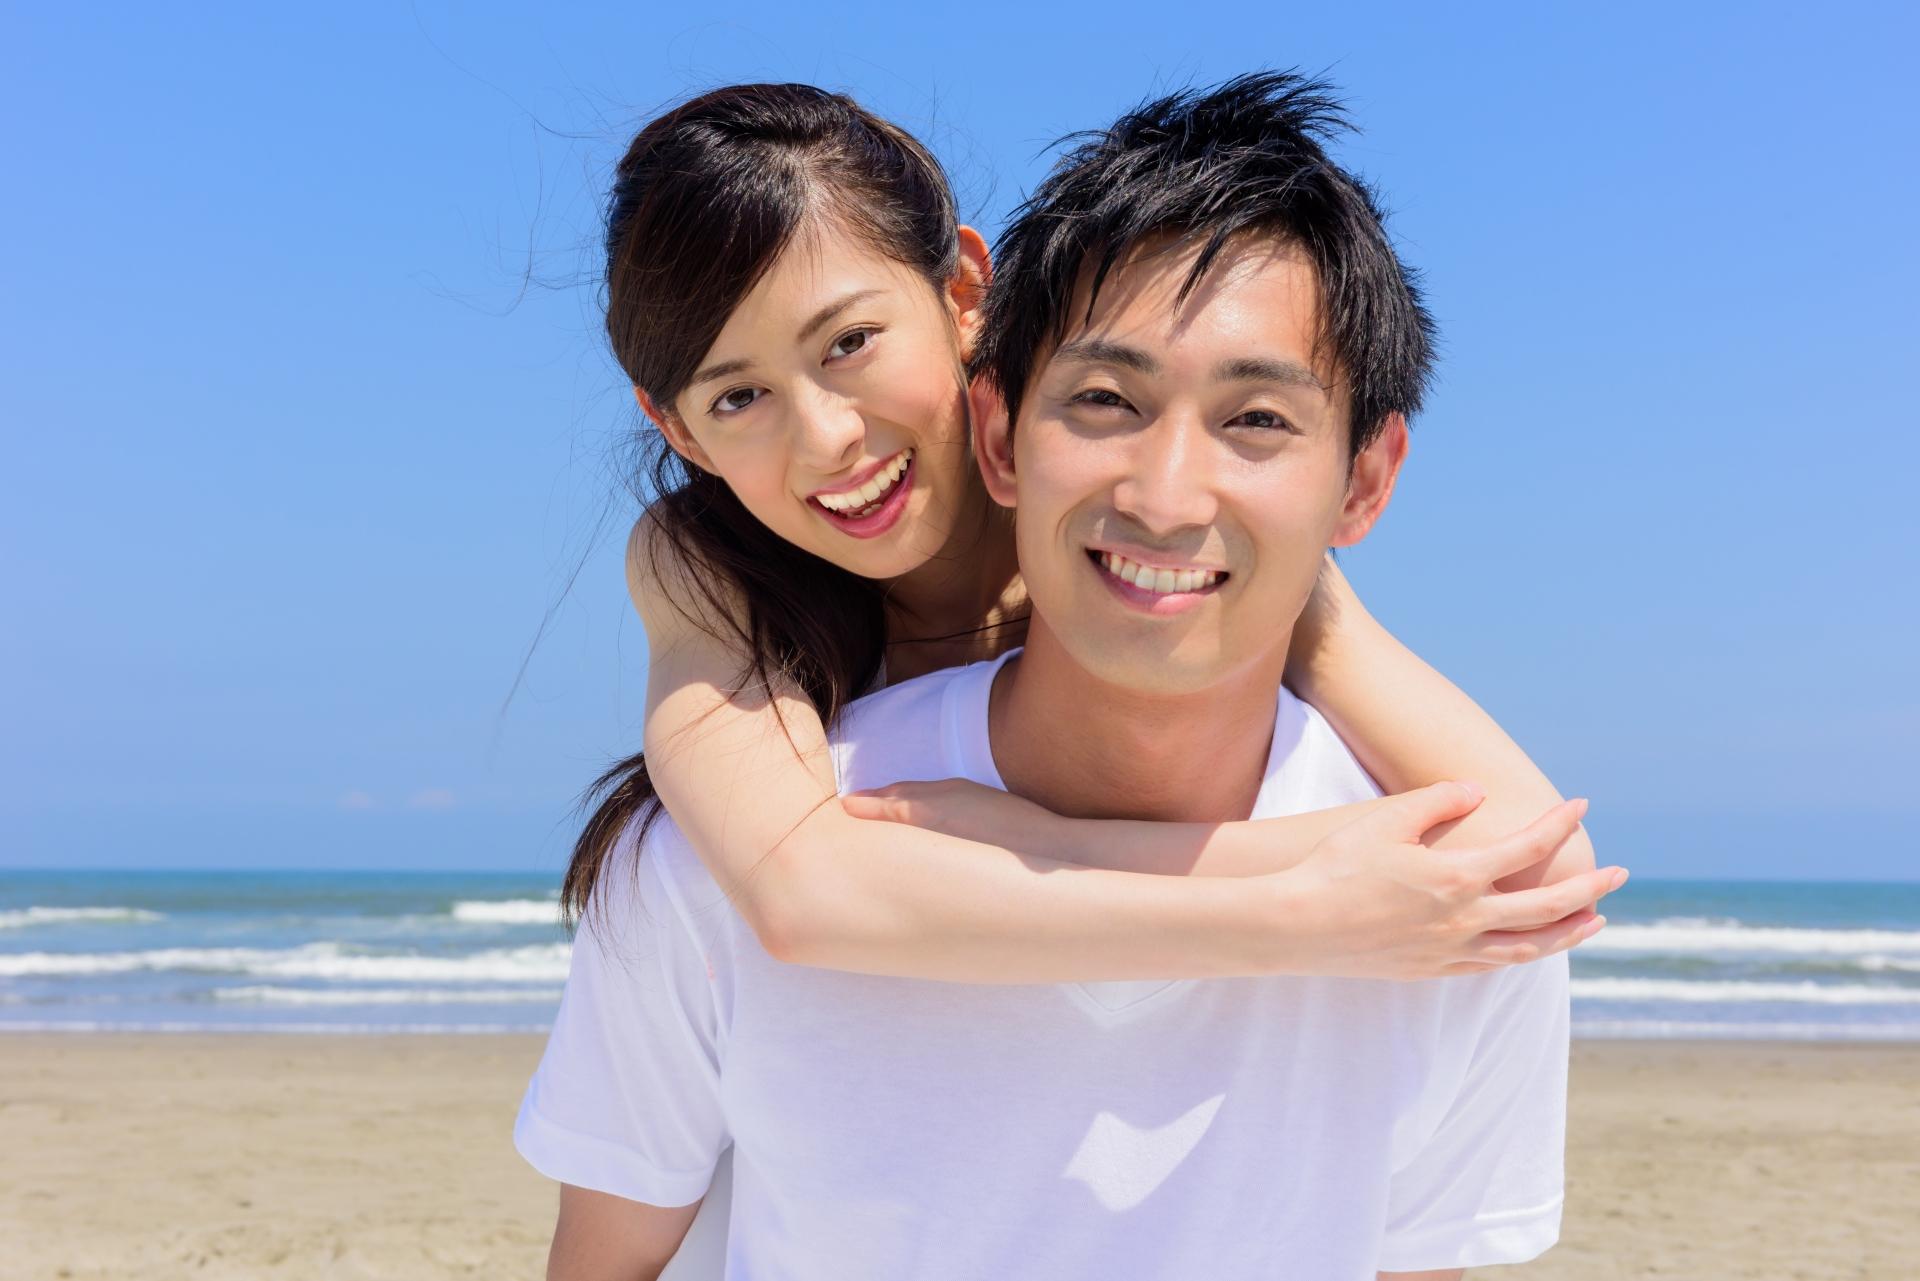 『アプリで結婚できた!』リアル体験記